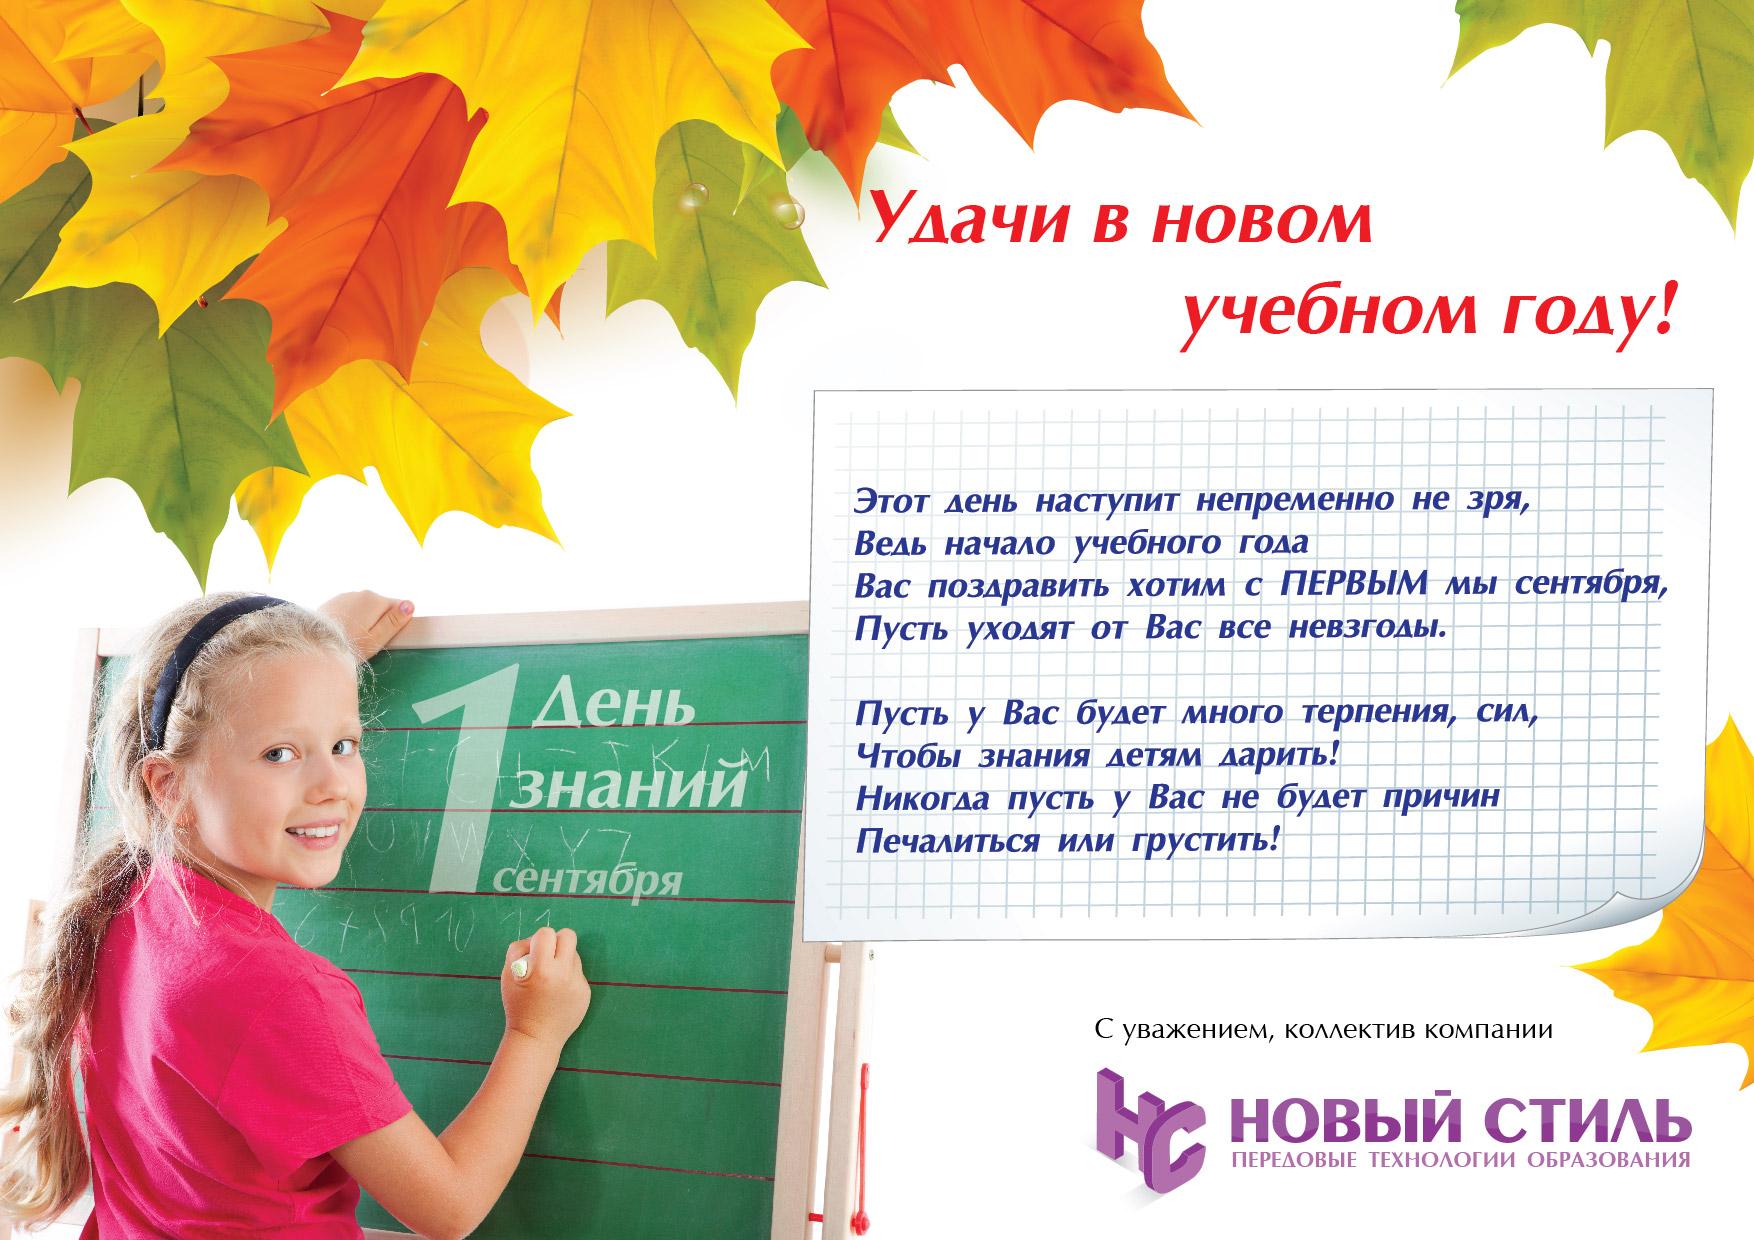 Поздравление с днем знаний Видео на Запорожском портале 61